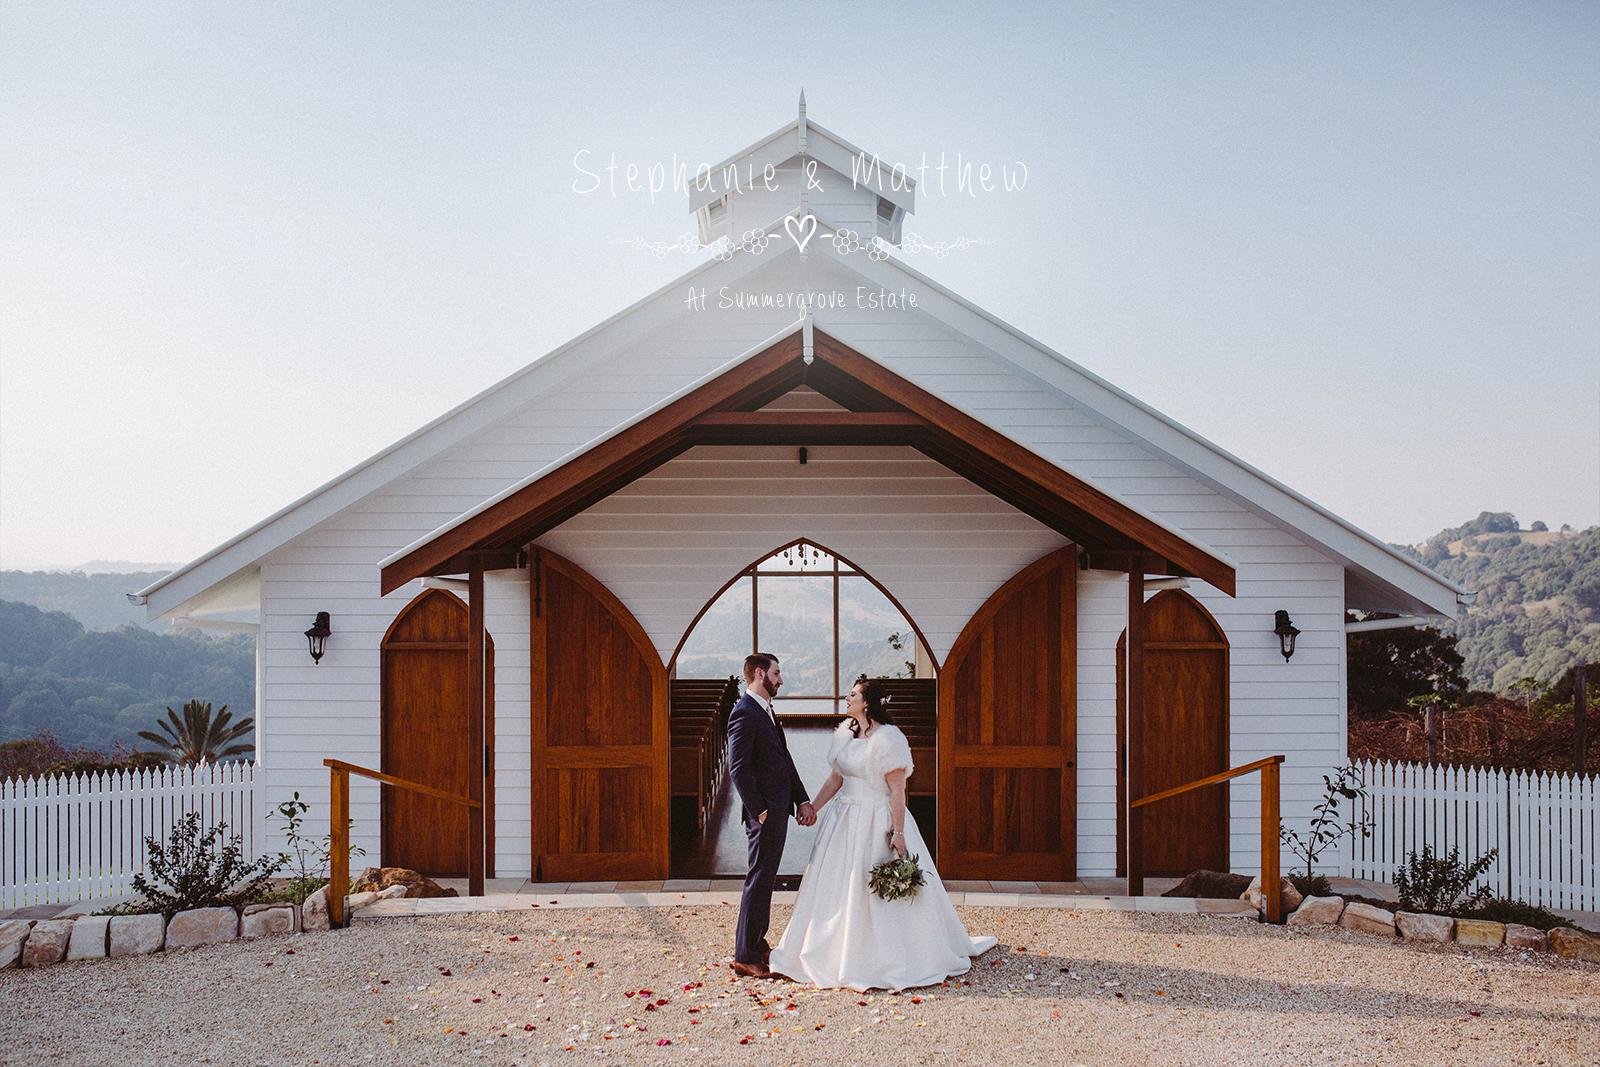 Stephanie & Matthew ~ Married at Summergrove Estate